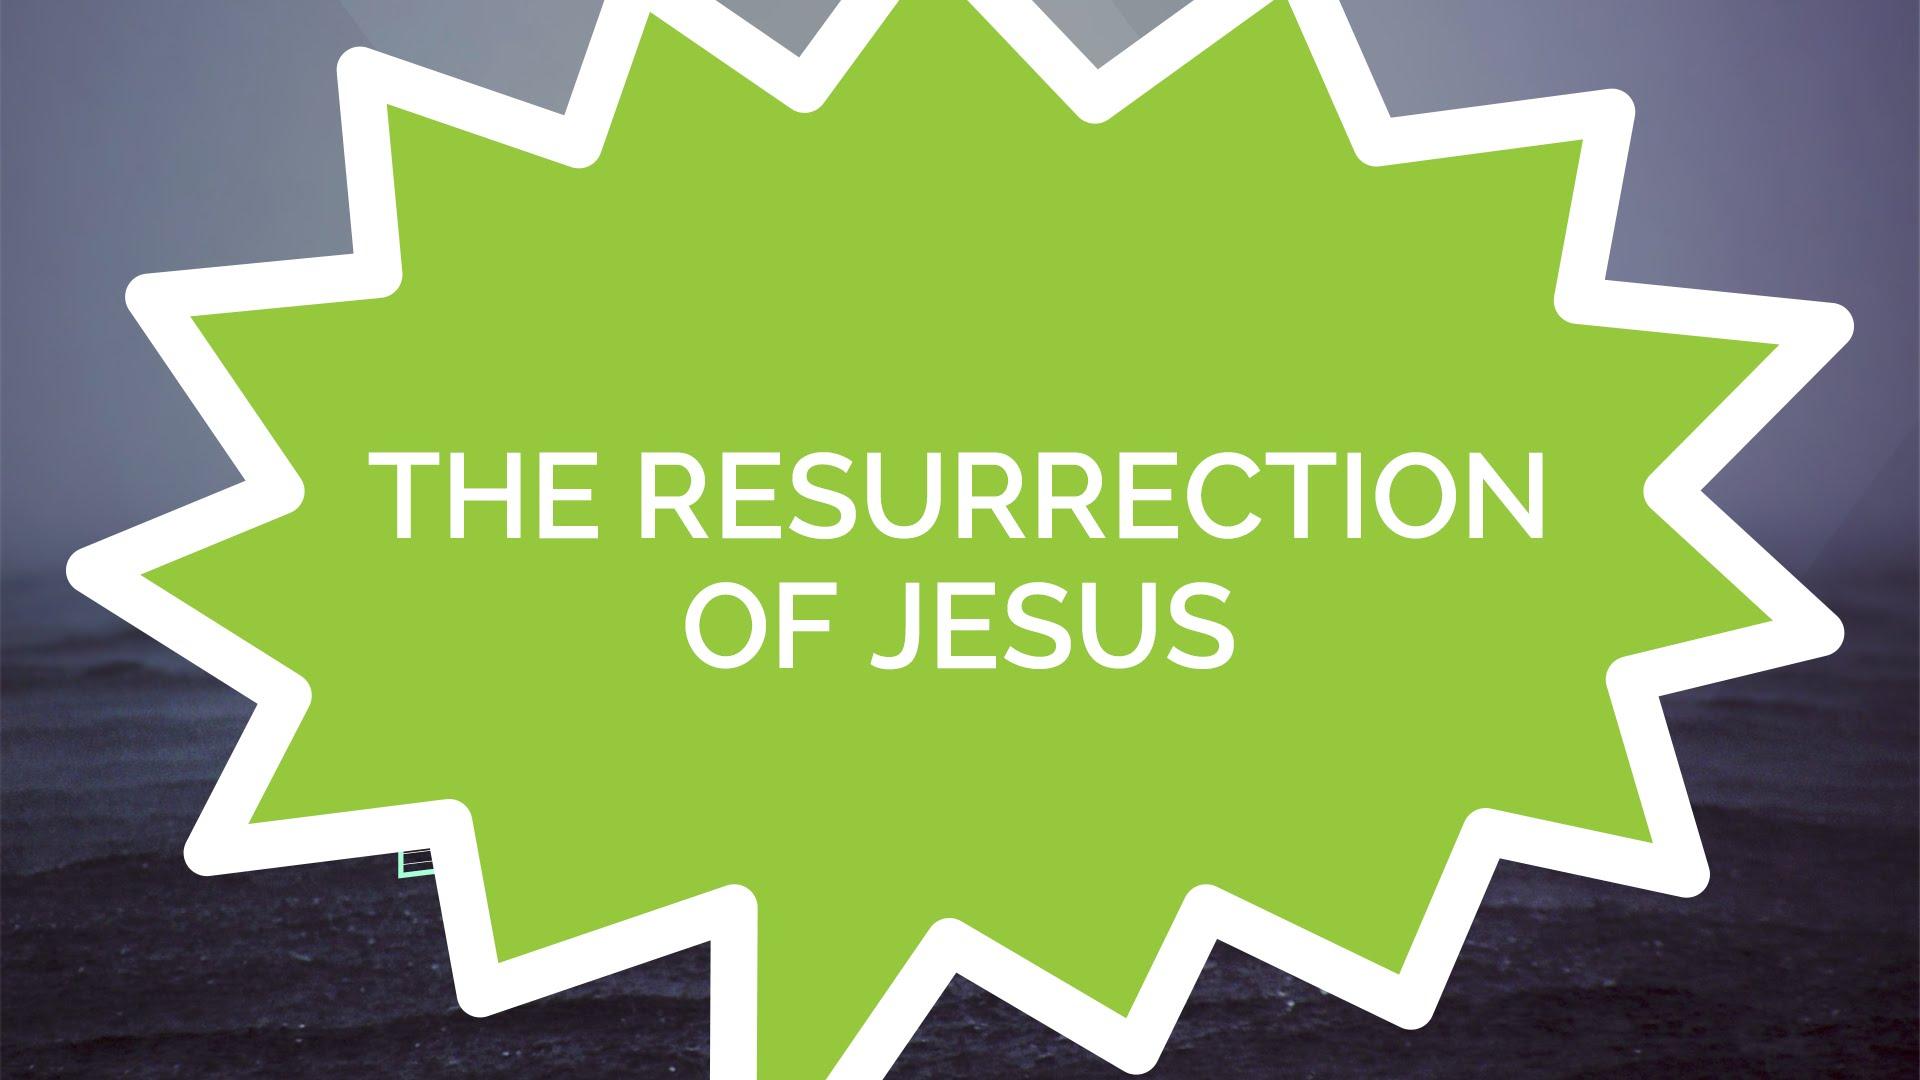 イエスキリストの復活(子供たち)